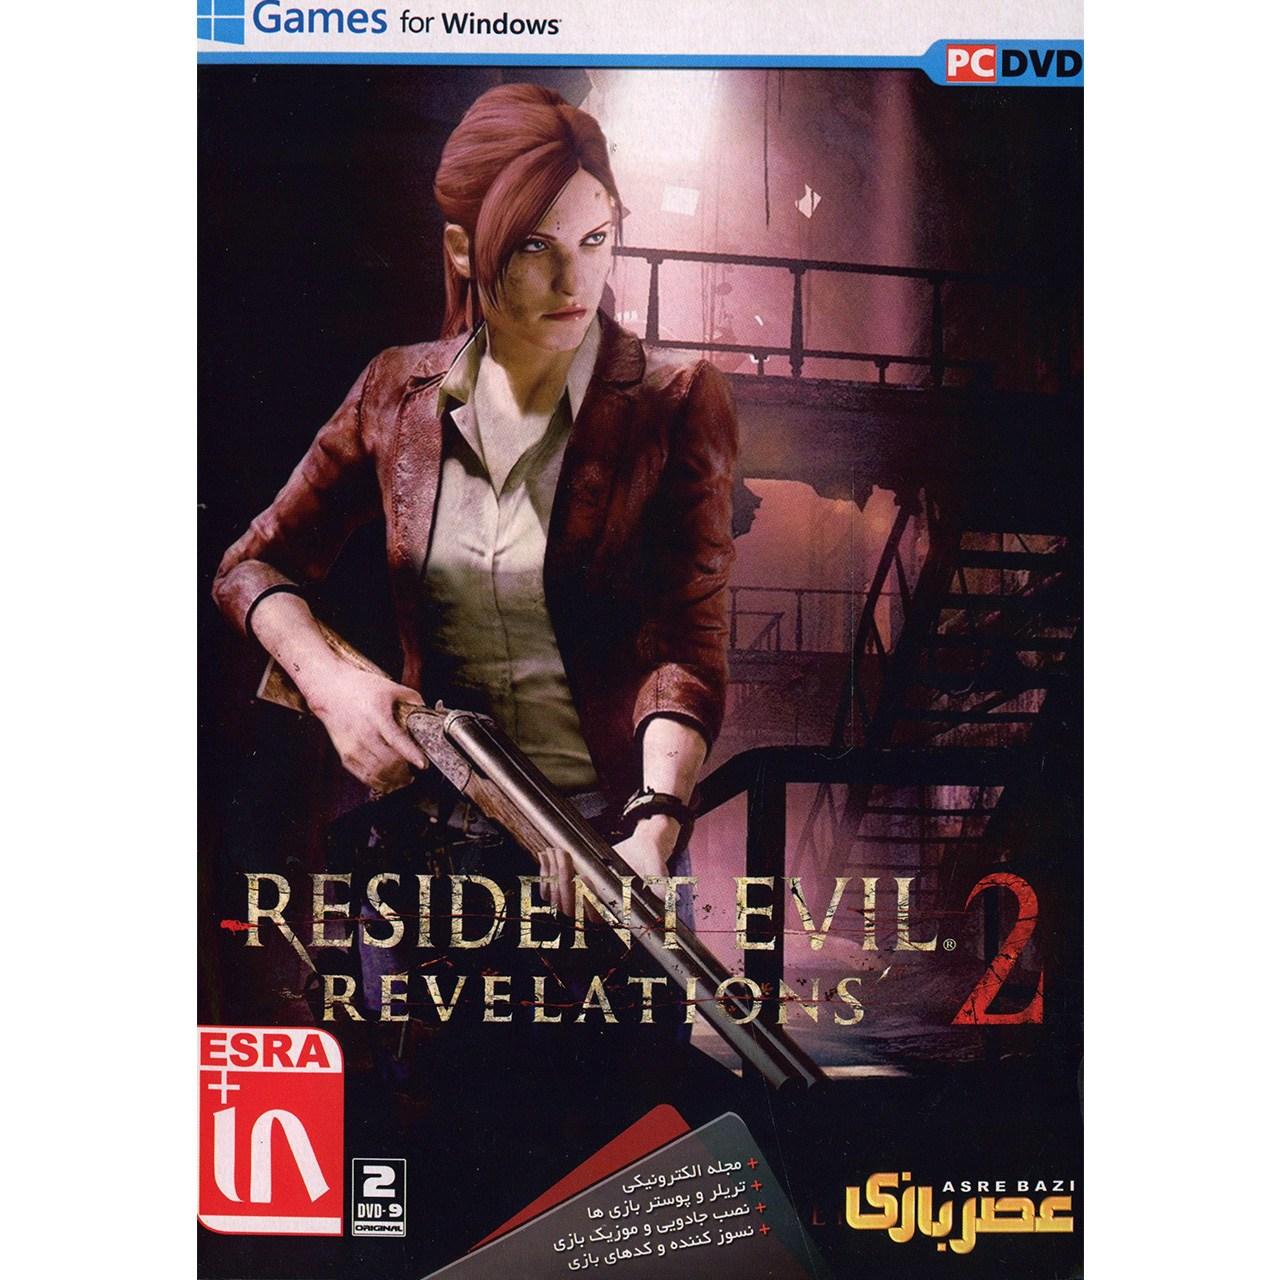 بازی کامپیوتری Resident Evil Revelations 2